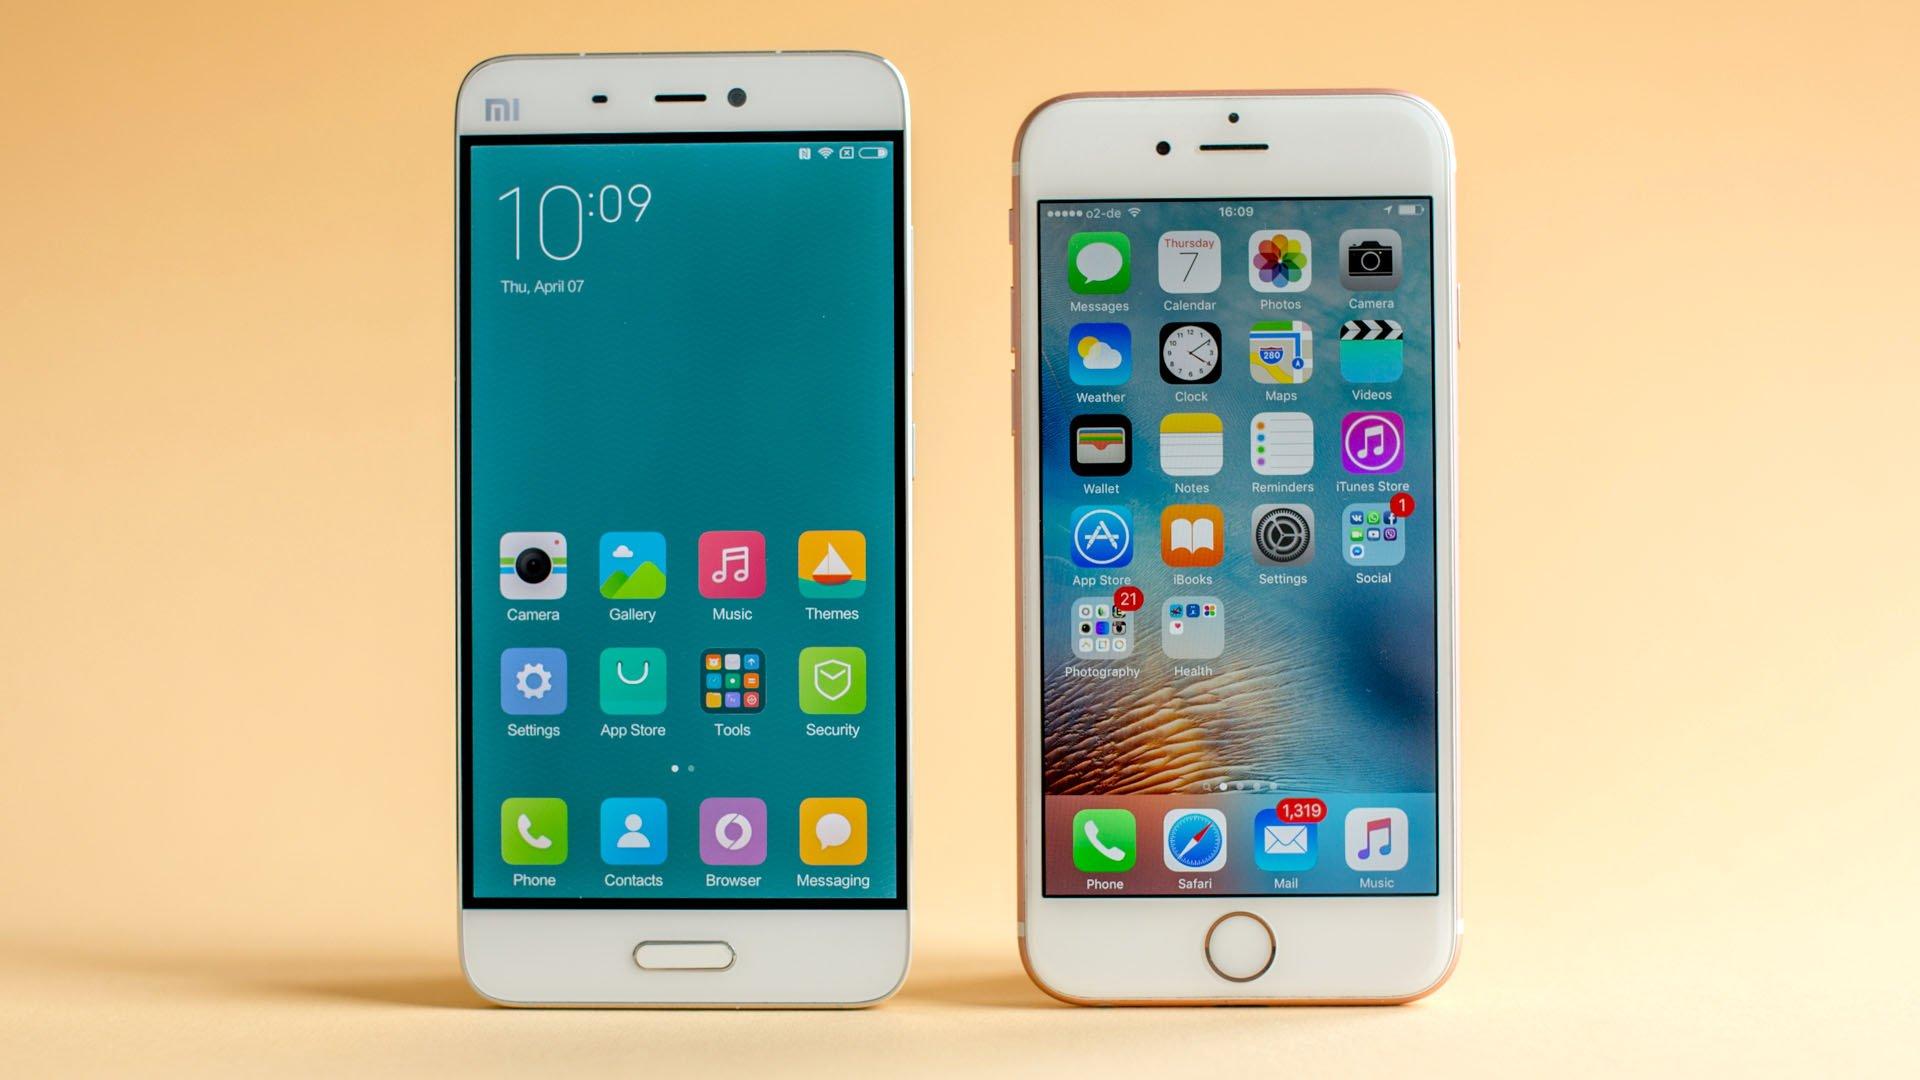 Perbedaan sistem operasi Xiaomi vs iPhone